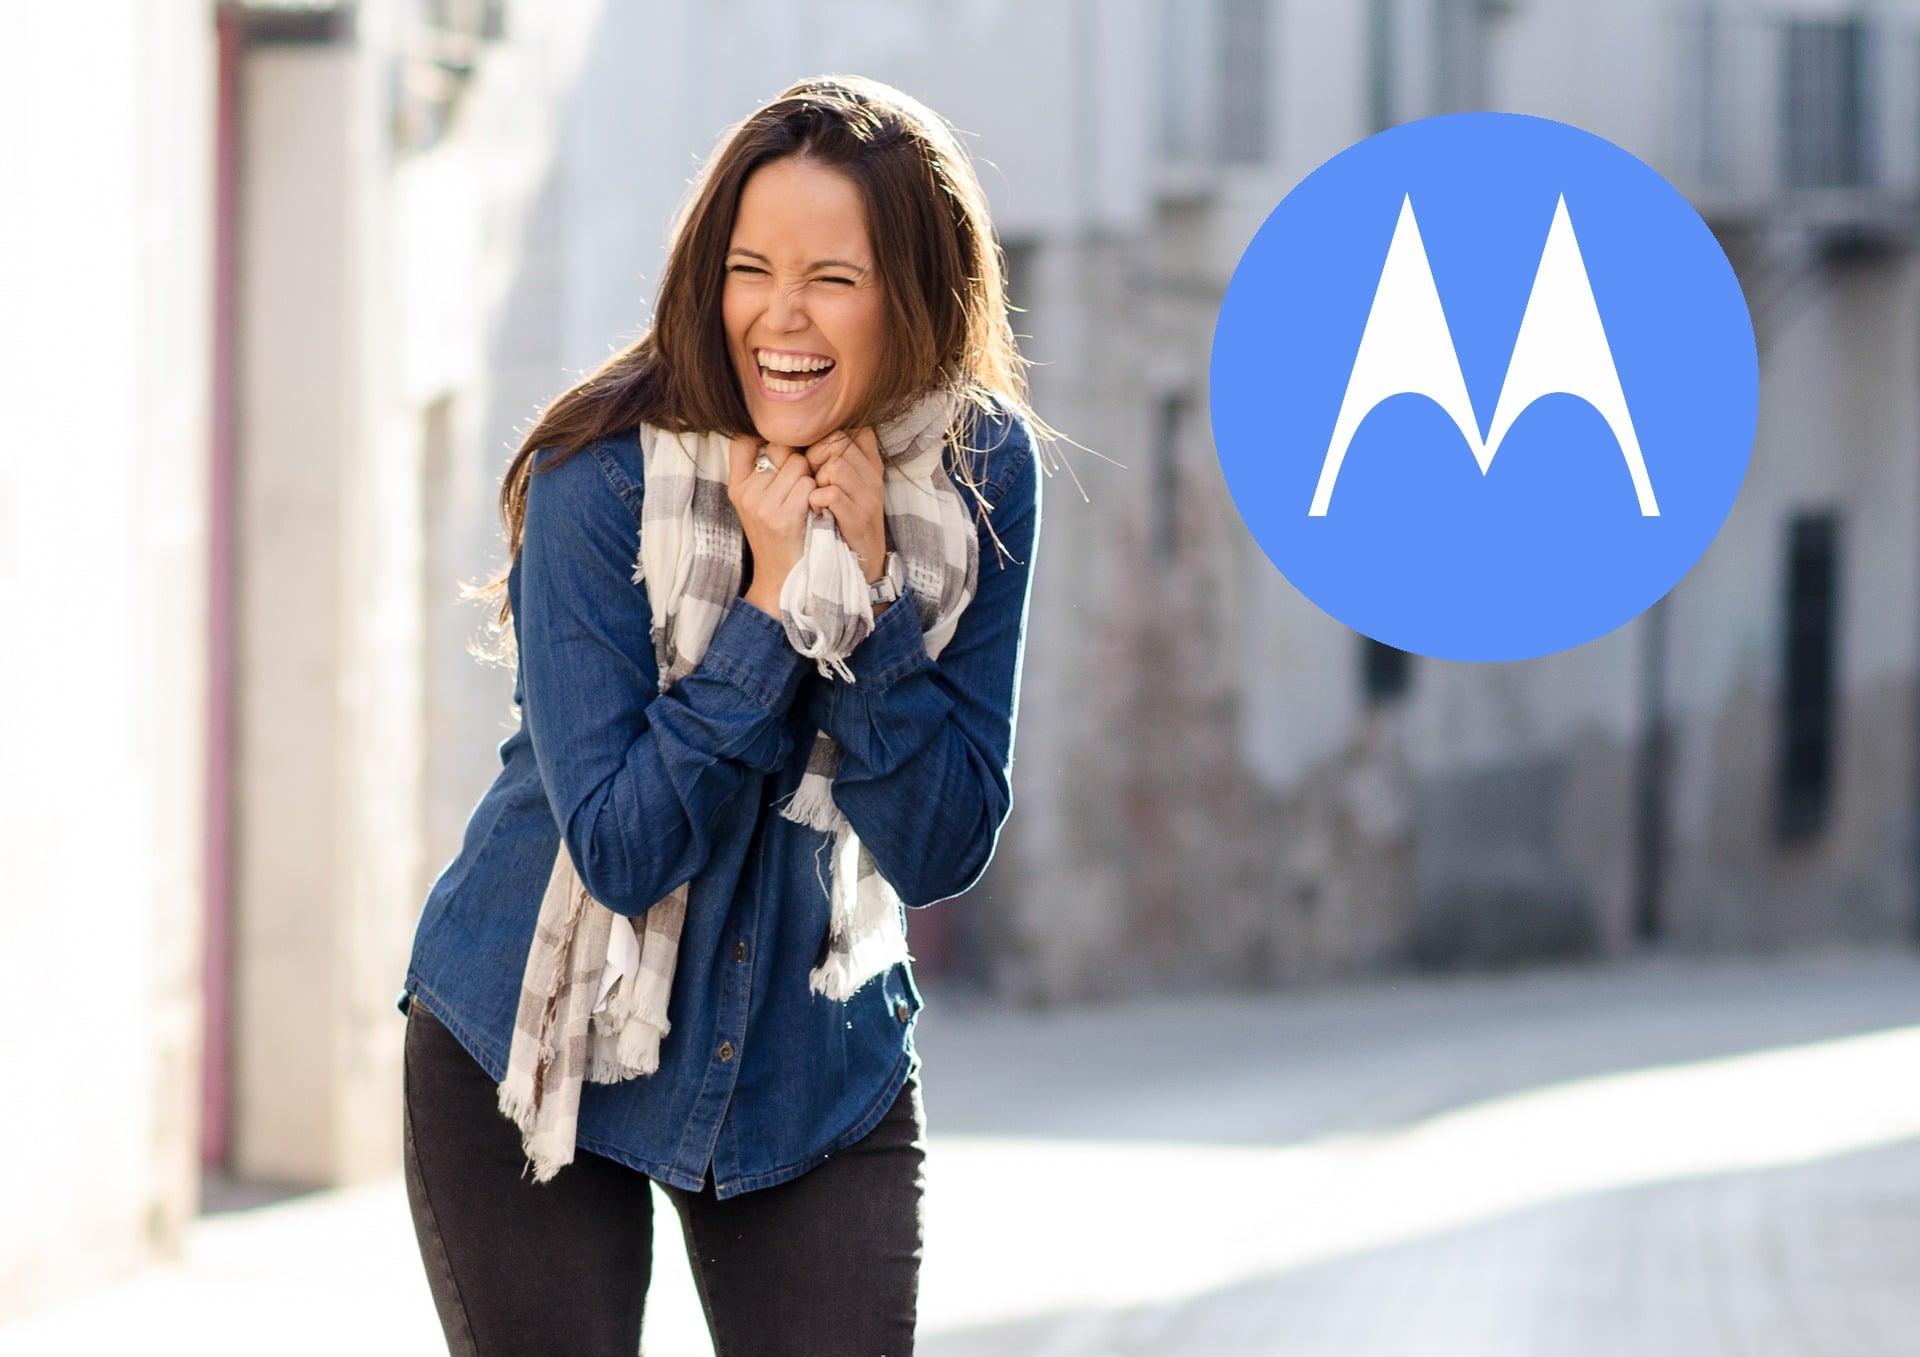 To jest ta flagowa Motorola Edge S? To ja chyba podziękuję